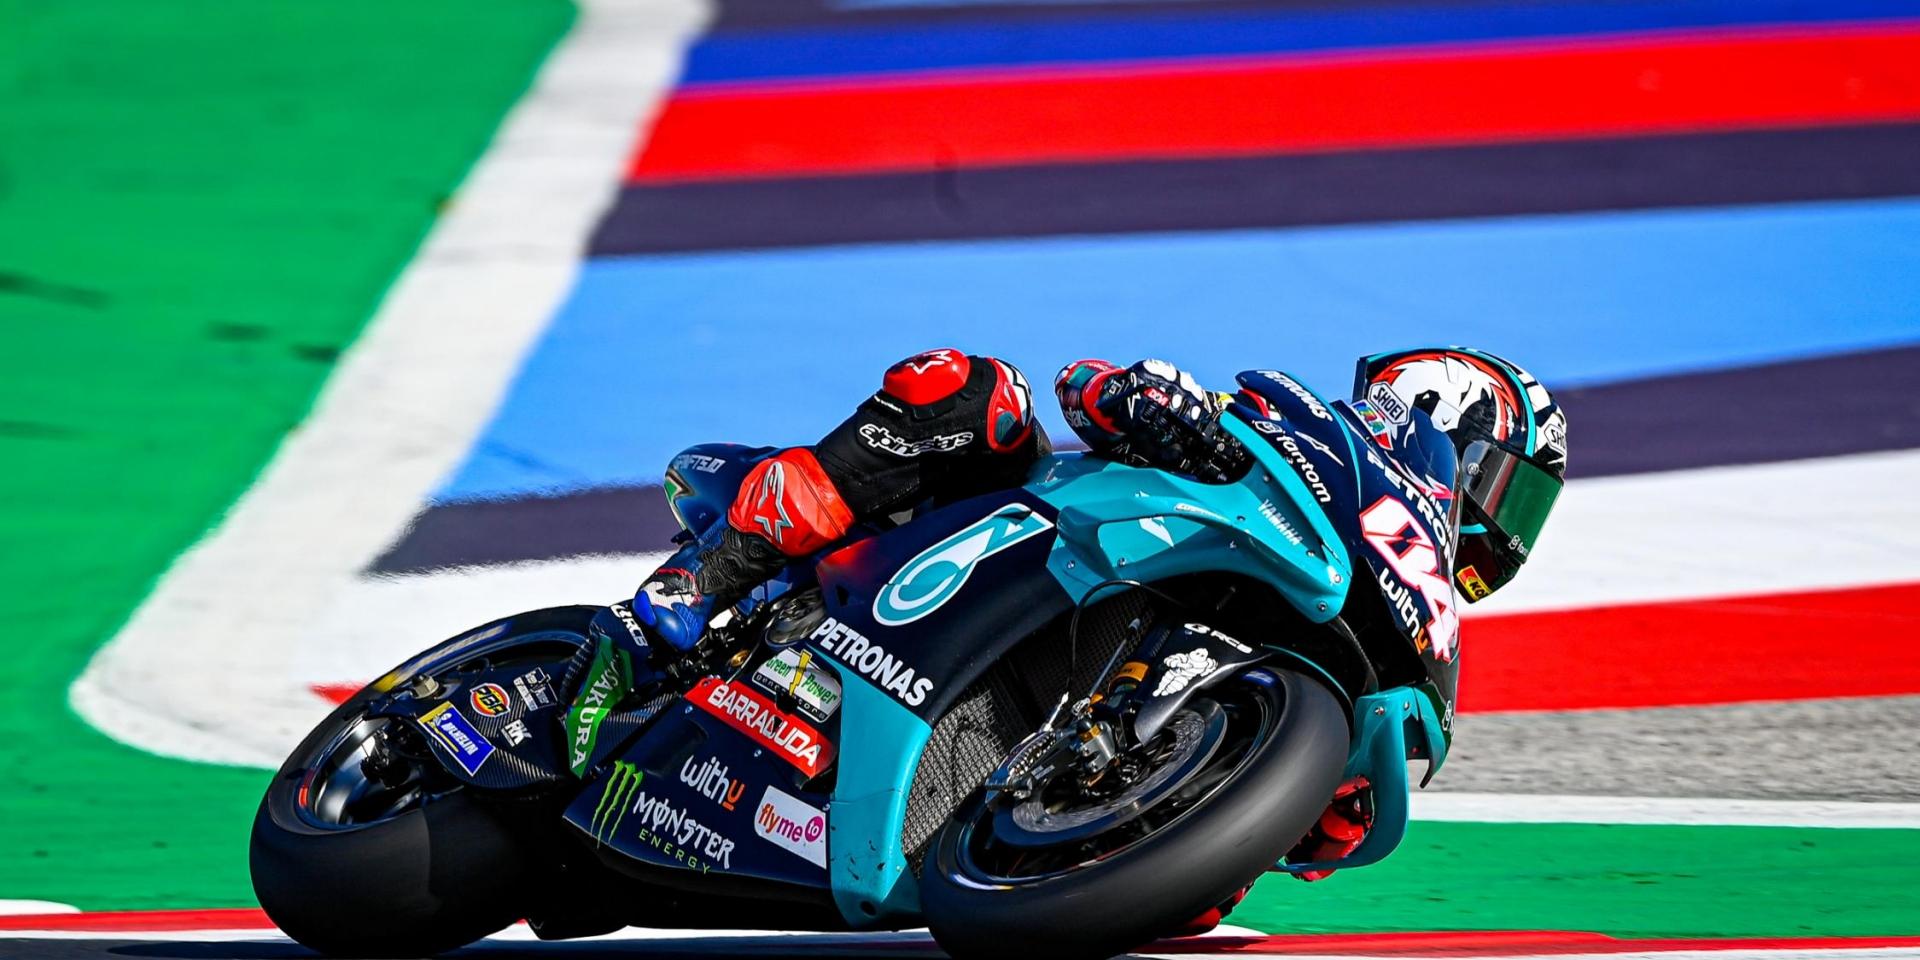 一個來練車,一個適應中!Rossi與Dovizioso滿意第一天的Misano測試!